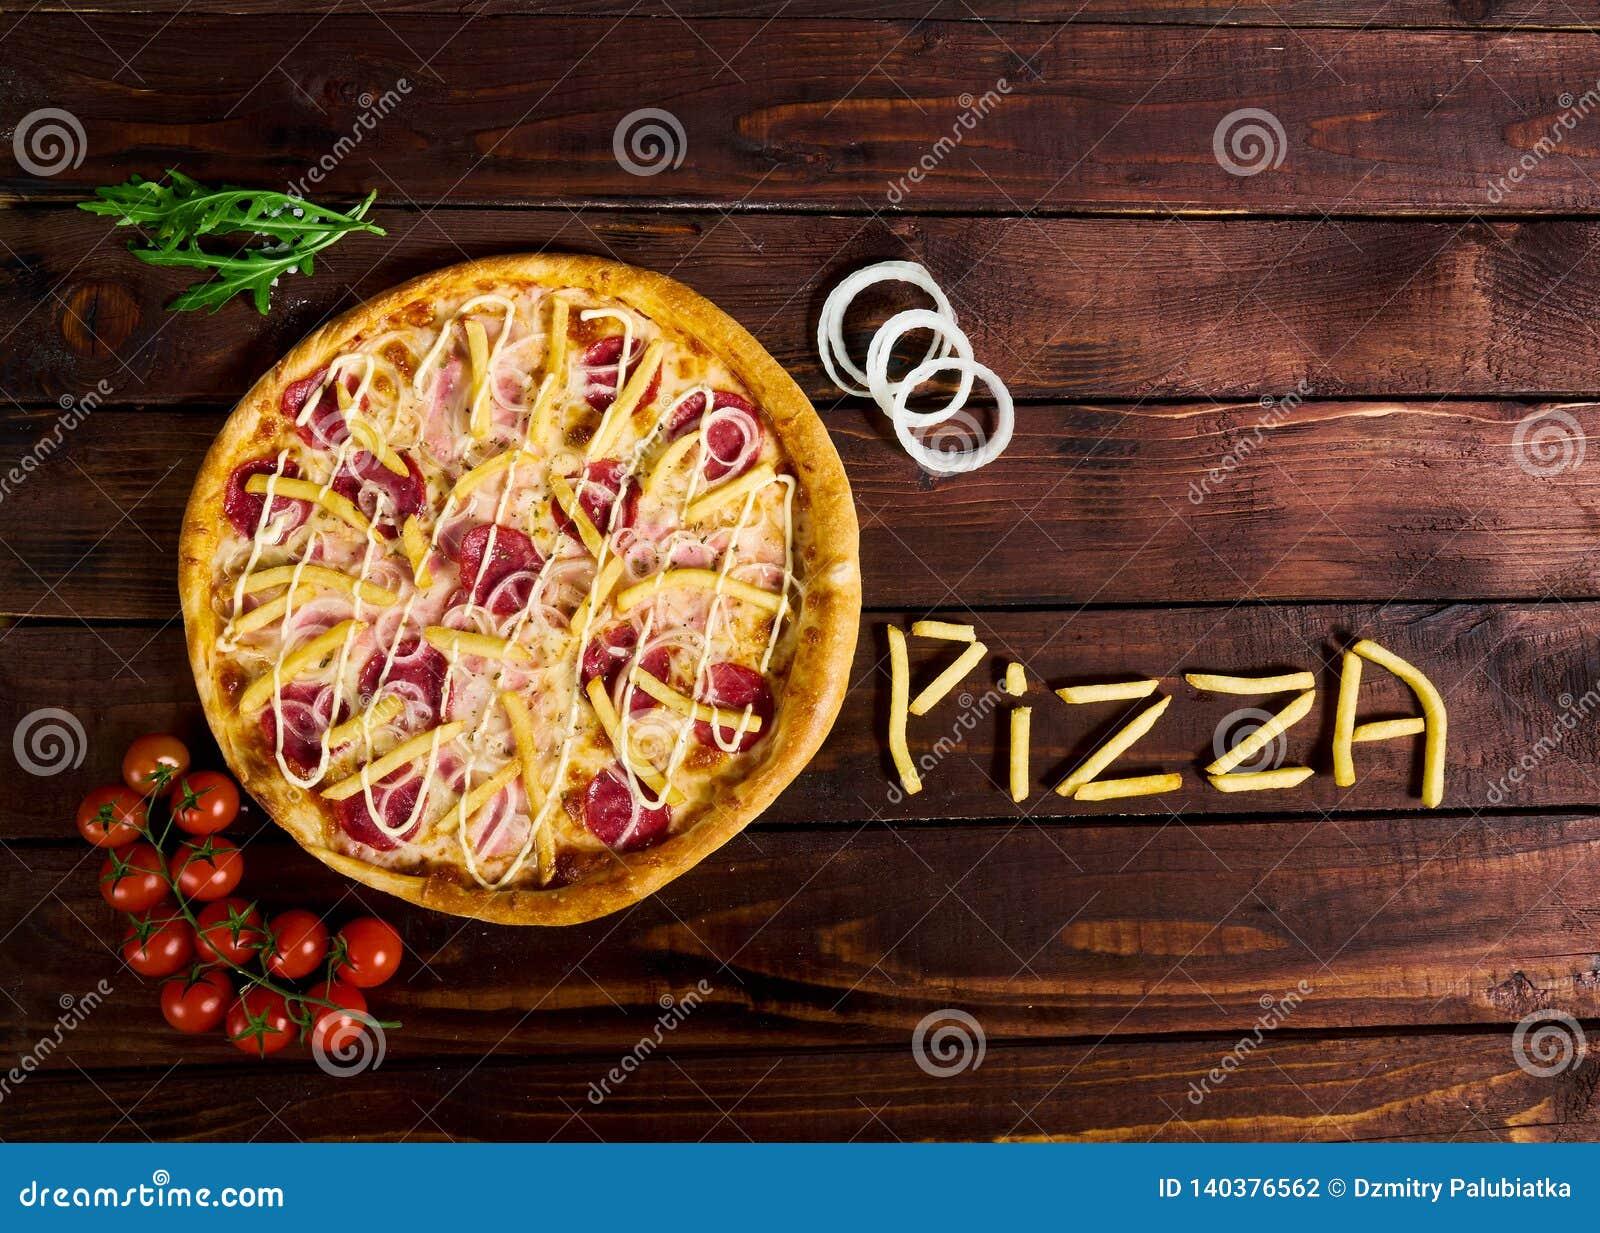 Wyśmienicie Włoska pizza z francuzem smaży na drewnianym stole